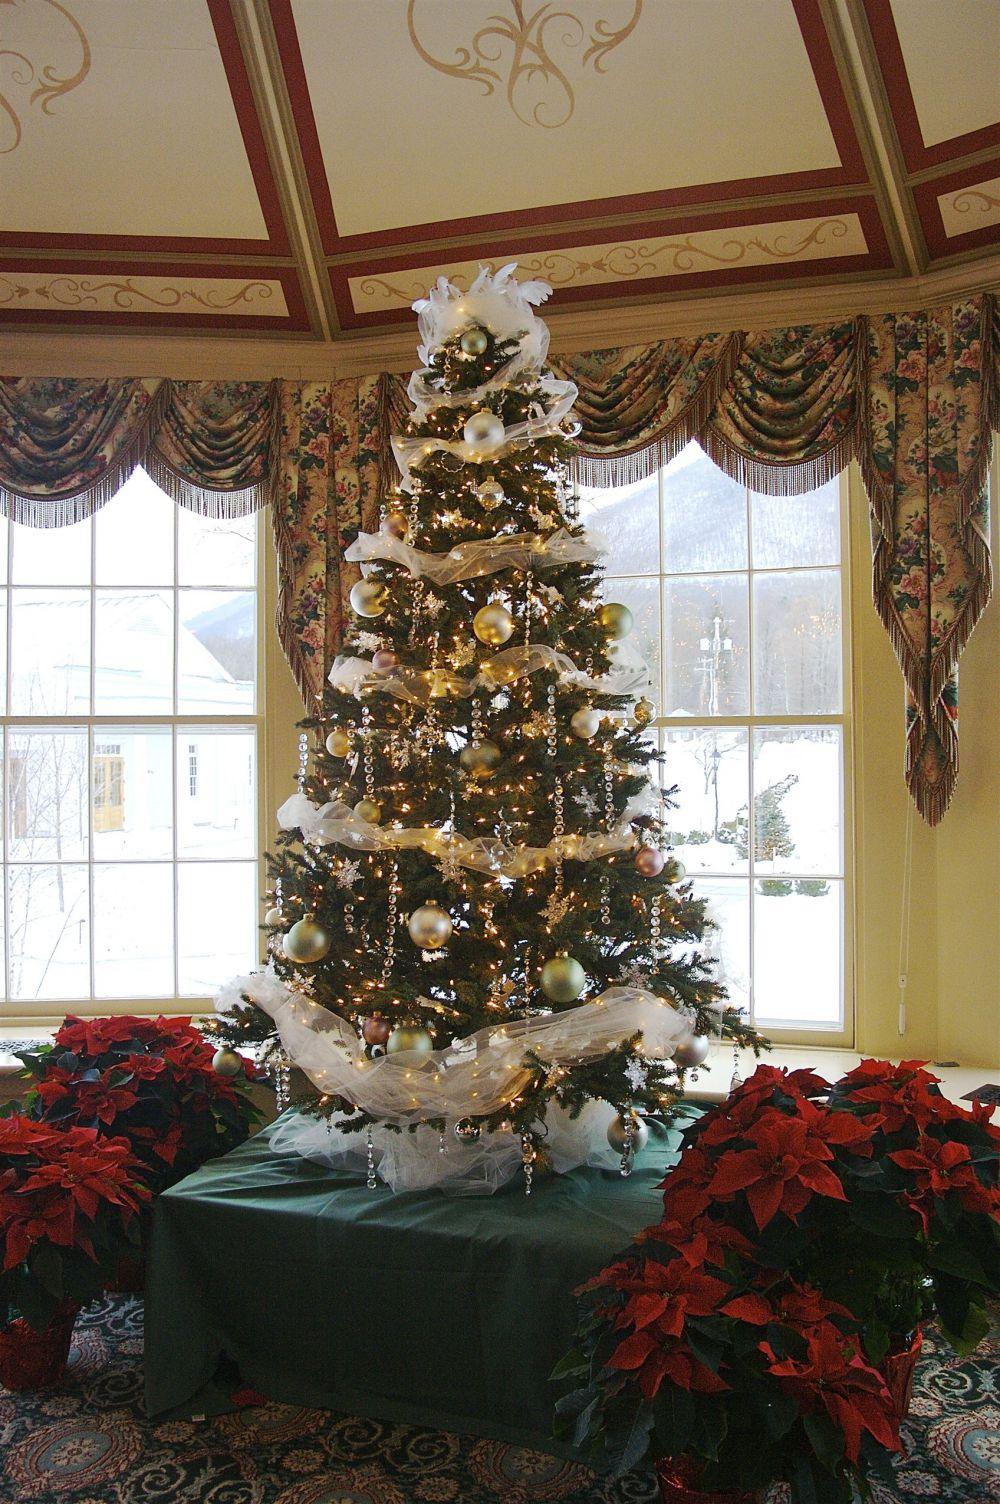 «Елка в стразах Сваровски». Новогоднее деревце украшается искусственными камнями – альтернативой известным кристаллам Сваровски. Не забудьте добавить ангелочков, звезды и шары под цвет вашей квартиры